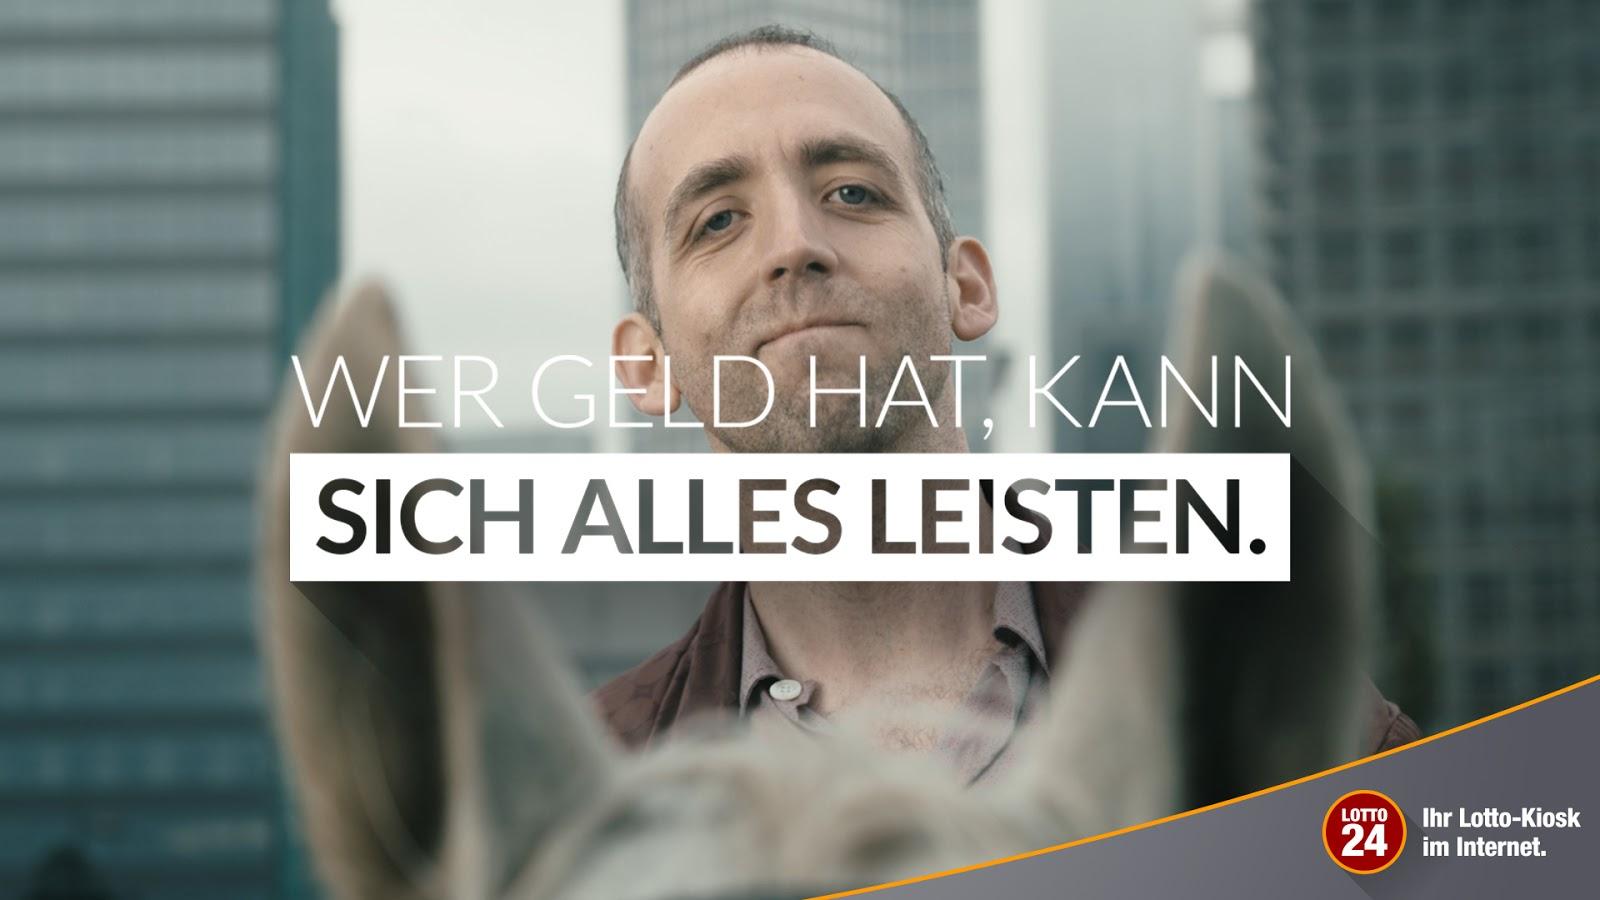 Lotto24 präsentiert 'den Song zur großen Freiheit' | Sponsored Video